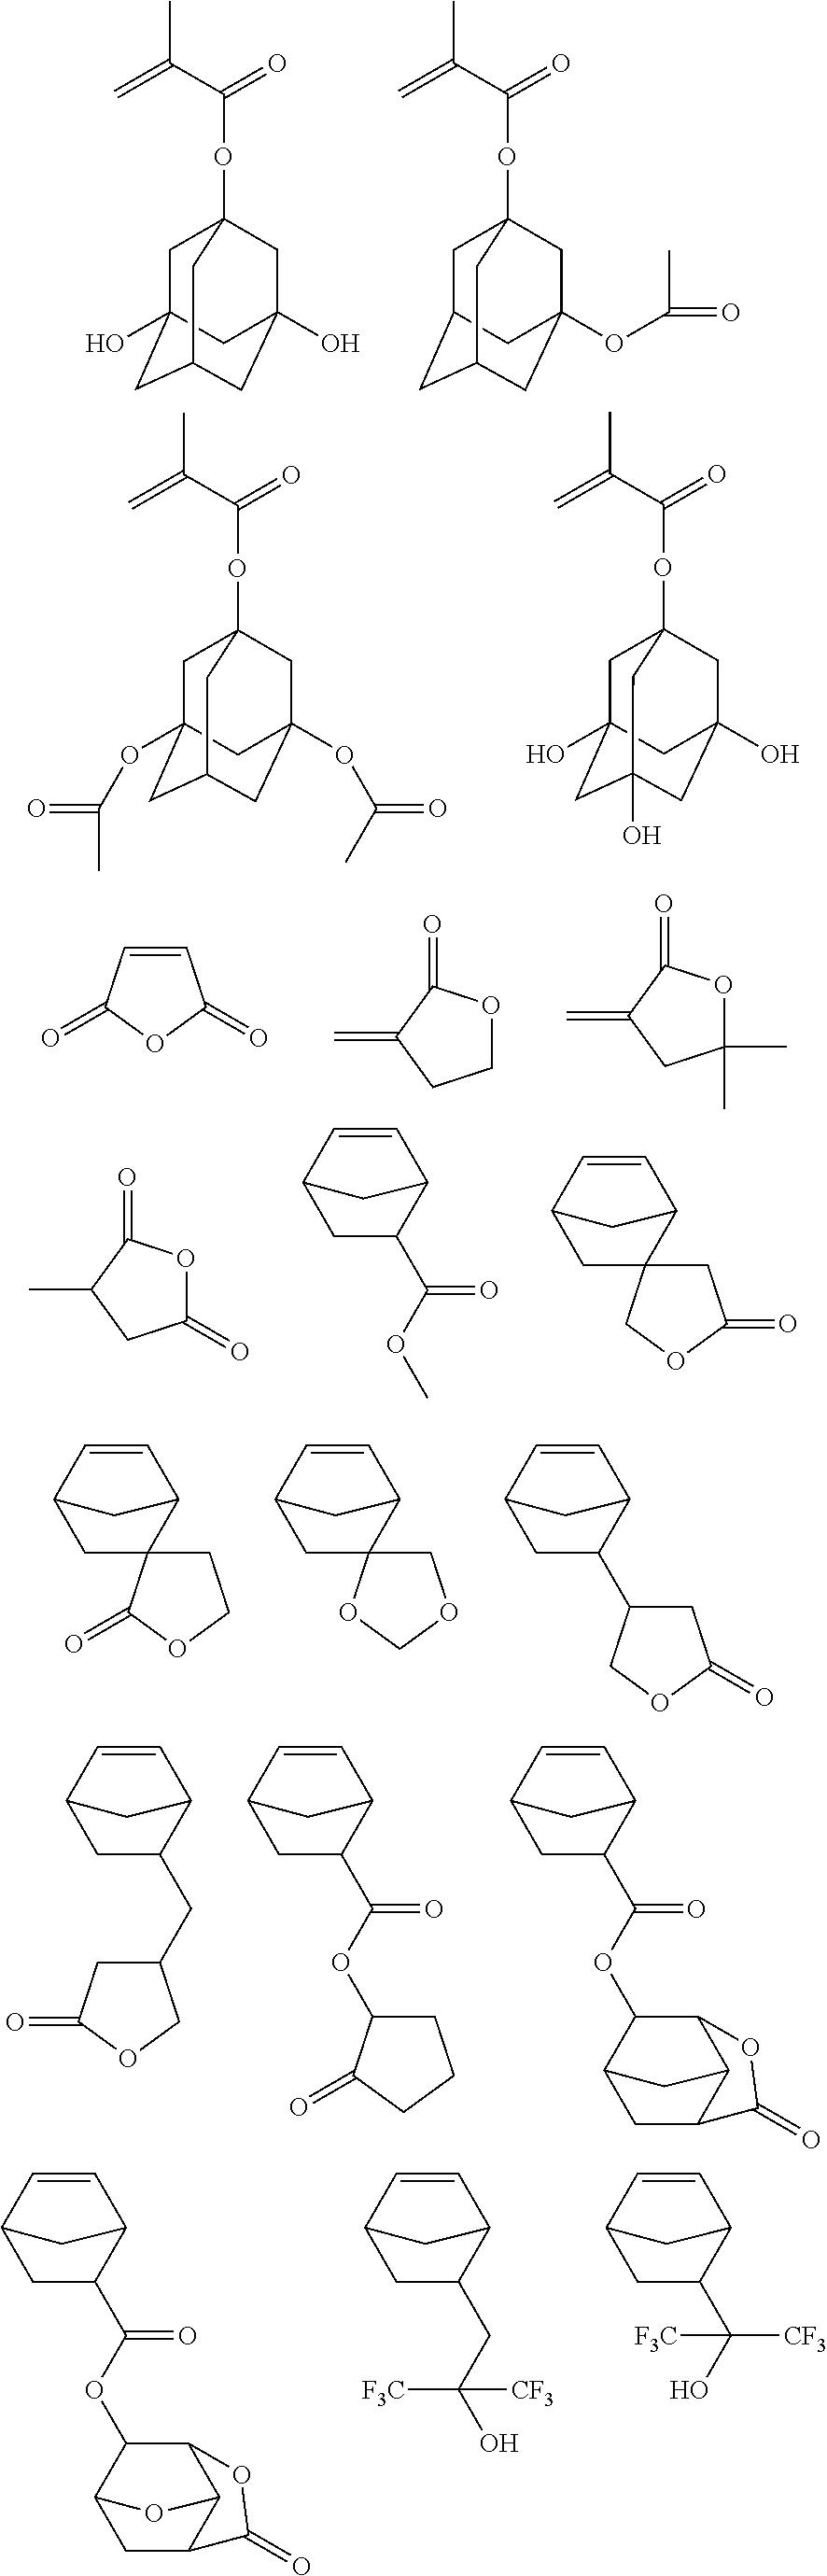 Figure US09316915-20160419-C00035